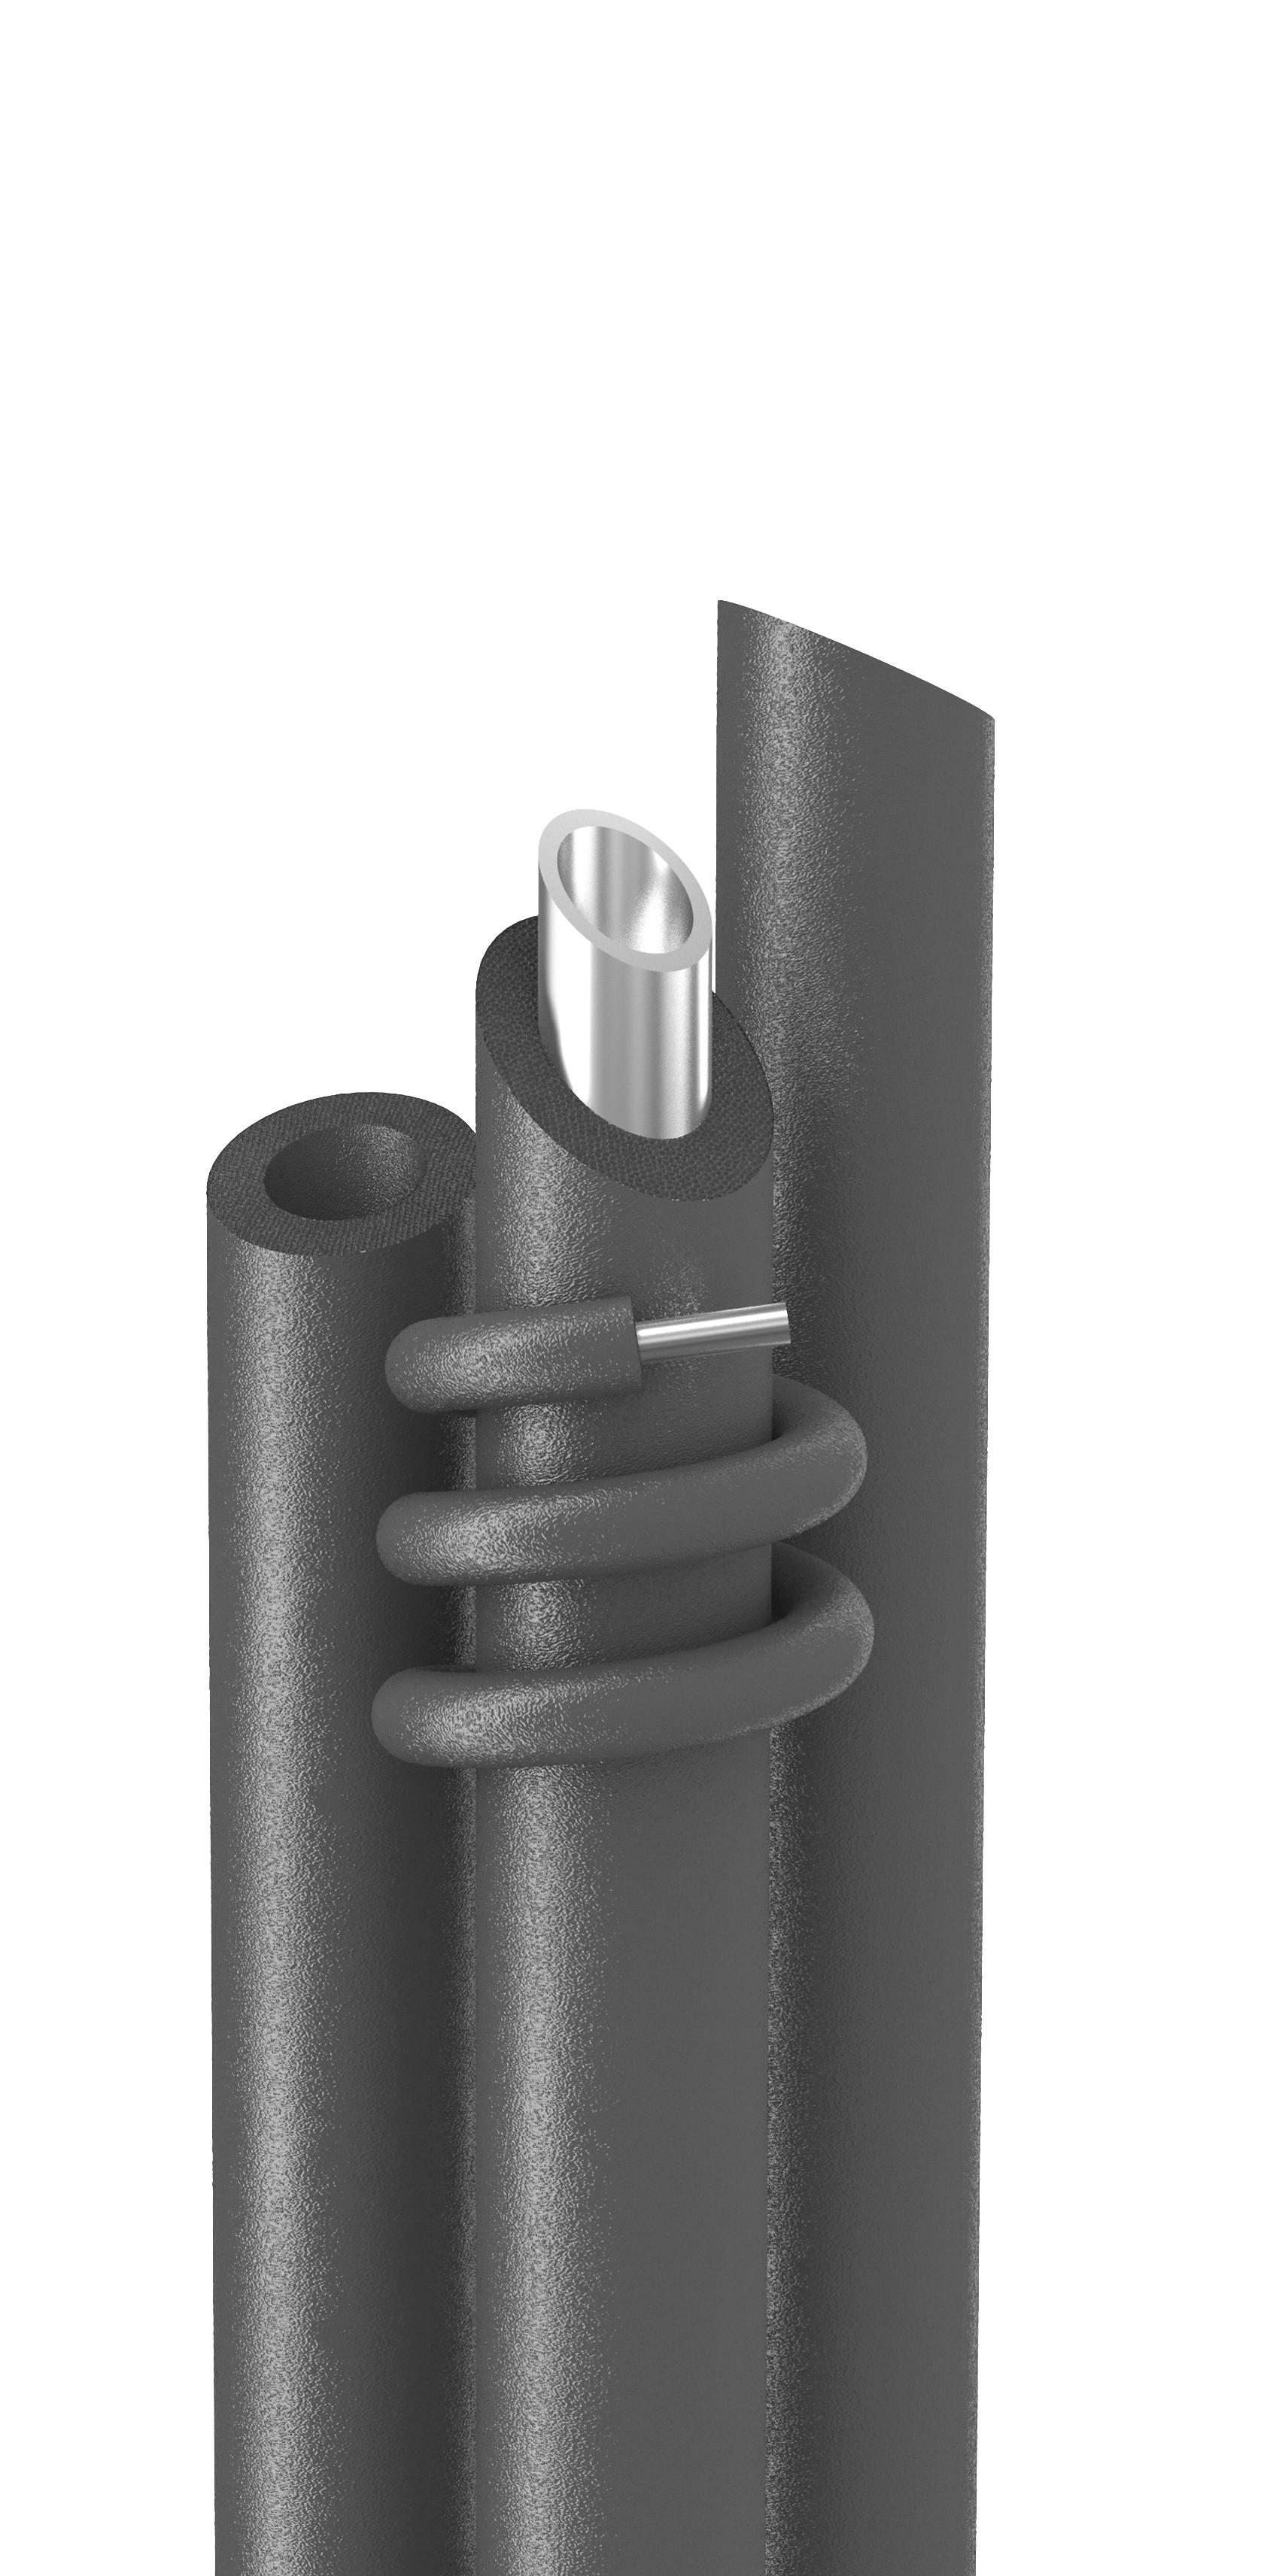 Трубки Energoflex толщ.9мм диам.110